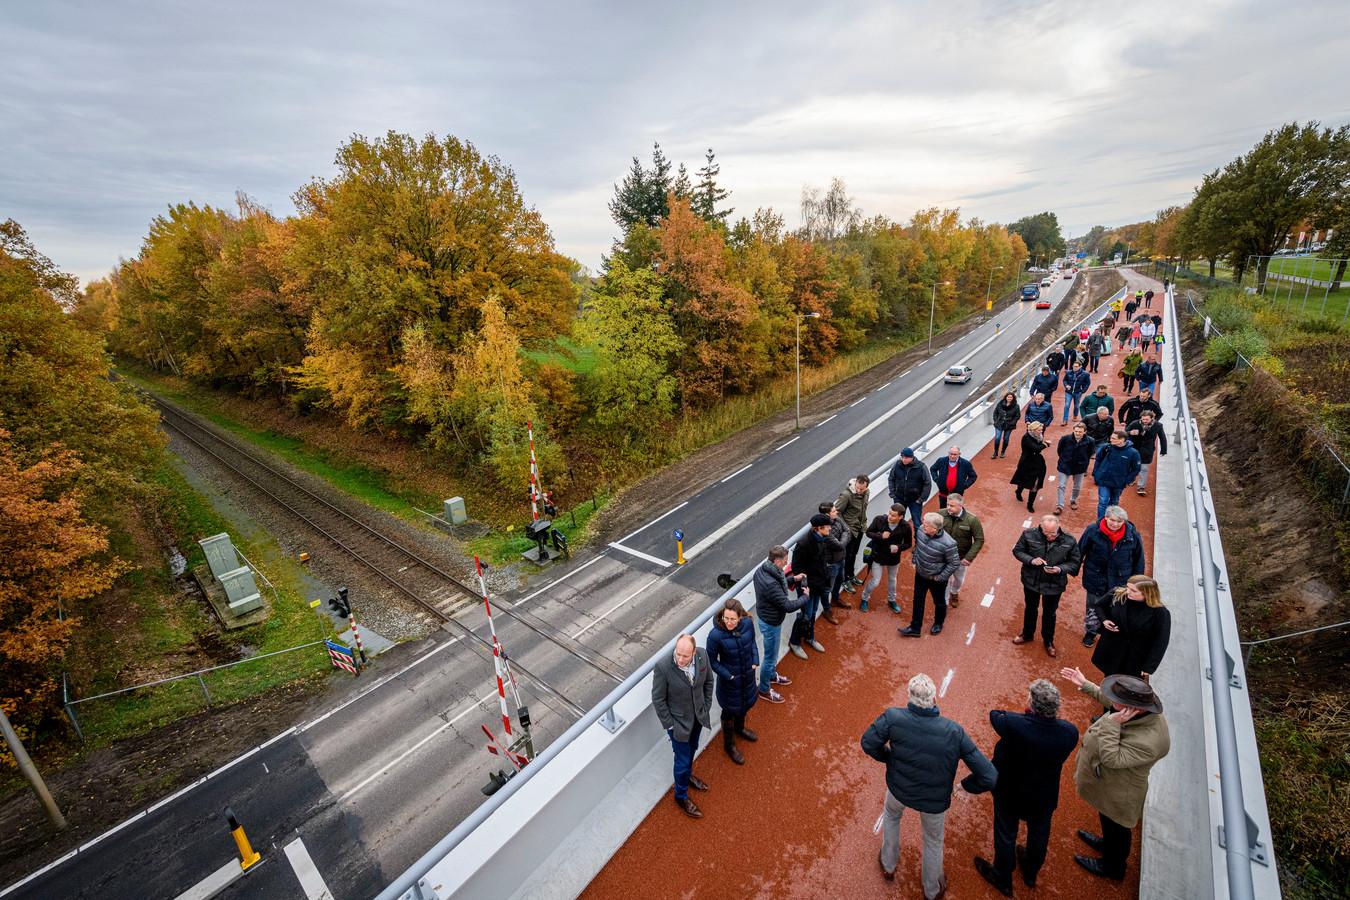 De opening van de fietsbrug aan de Euregioweg werd donderdagmiddag verricht.